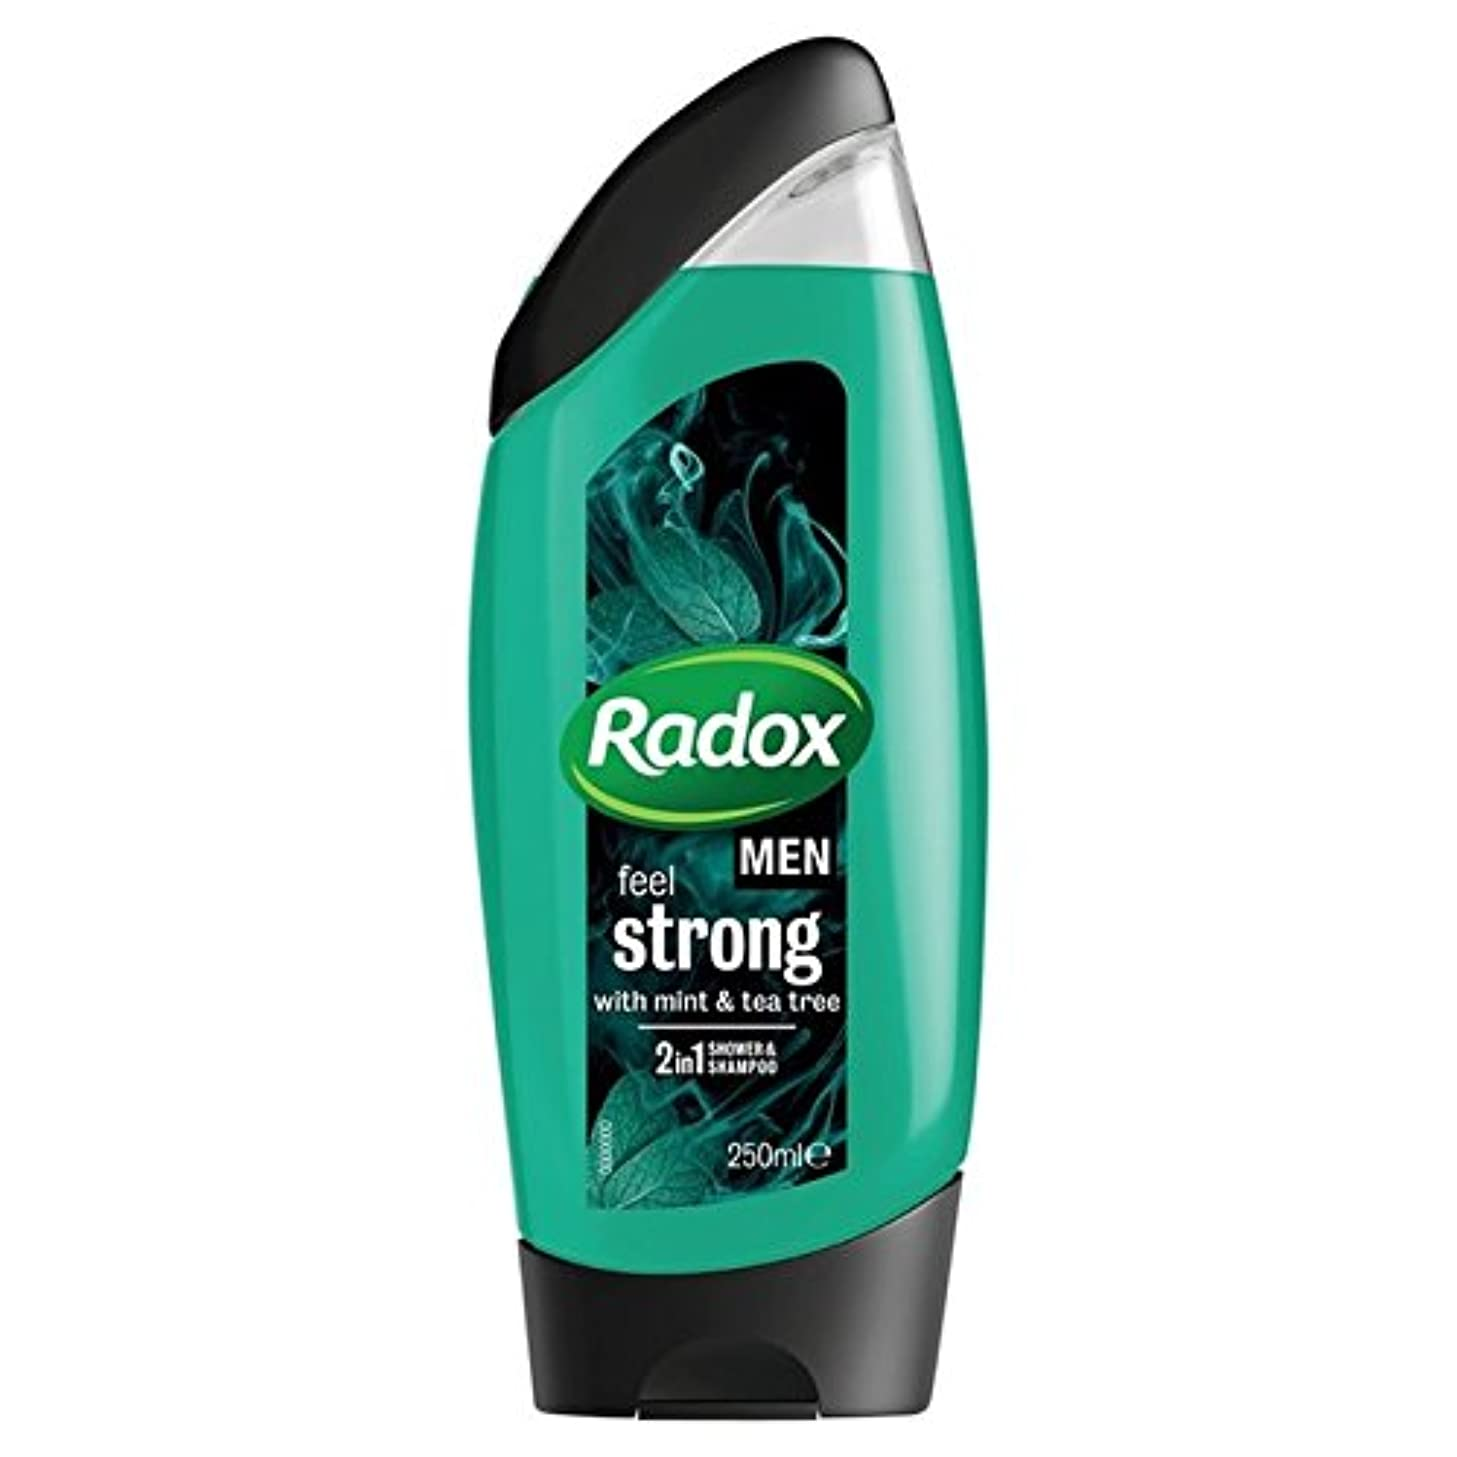 便益言及する本当のことを言うとRadox Men Feel Strong Mint & Tea Tree 2in1 Shower Gel 250ml - 男性は、強力なミント&ティーツリーの21のシャワージェル250ミリリットルを感じます [並行輸入品]